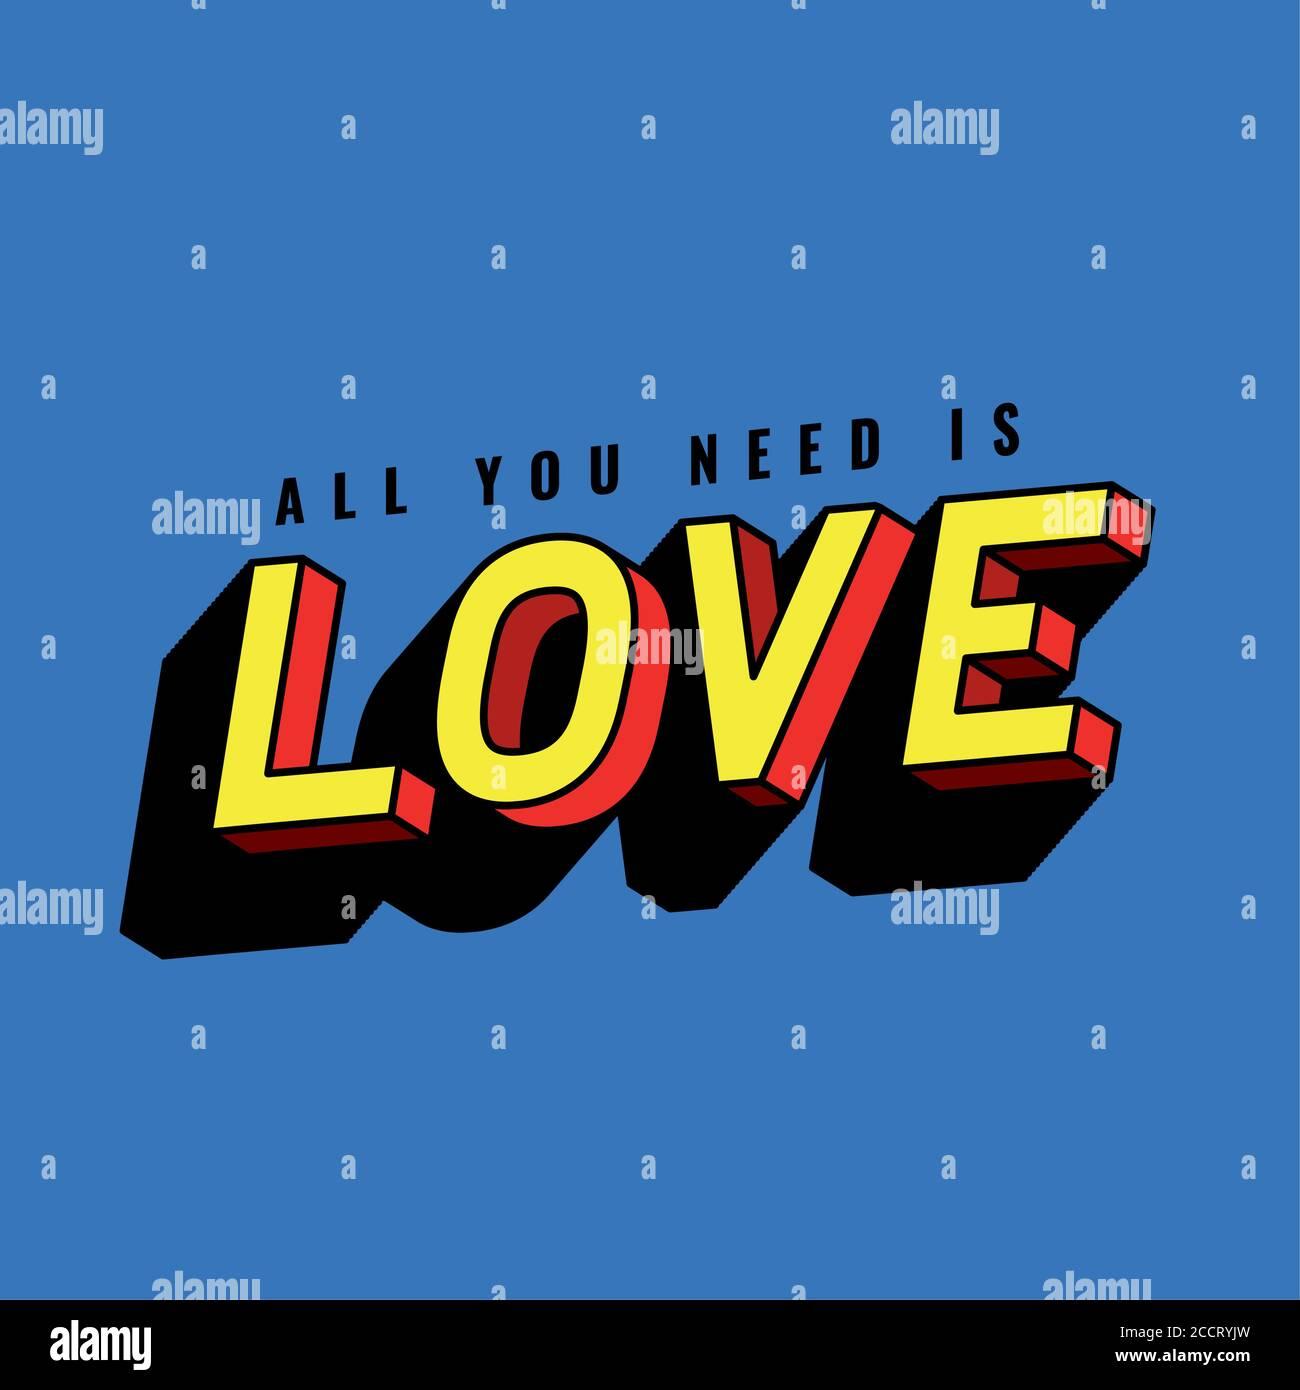 Tout ce dont vous avez besoin est le lettrage d'amour sur fond bleu, la typographie rétro et le thème de la bande dessinée illustration vectorielle Illustration de Vecteur